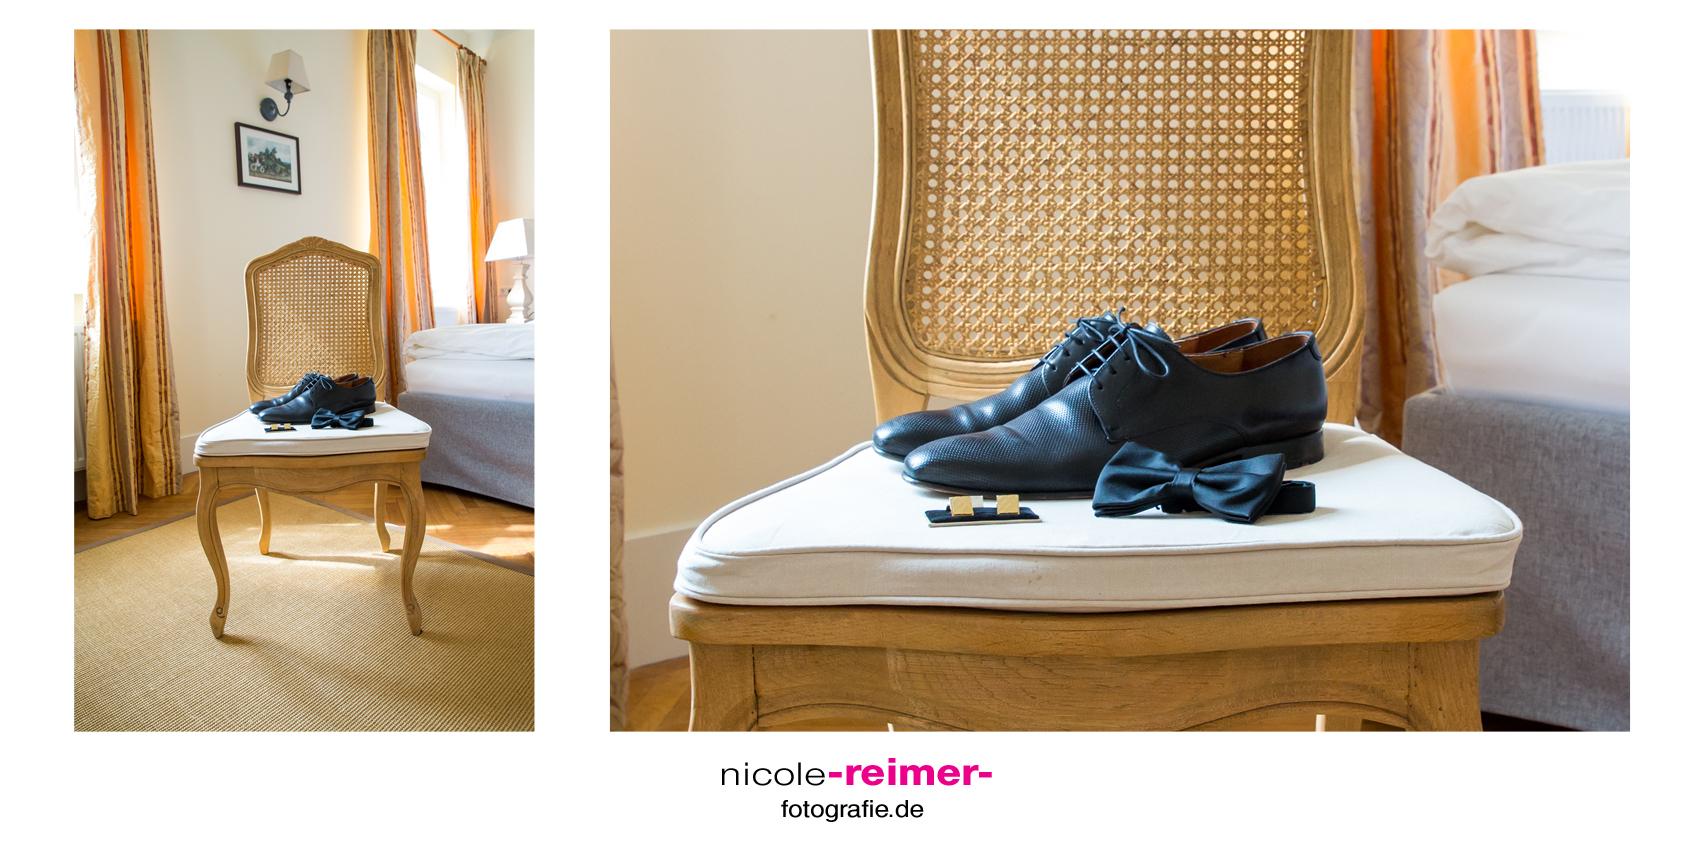 Nicole_Reimer_Hochzeitsfotografie_Getting_Ready_2